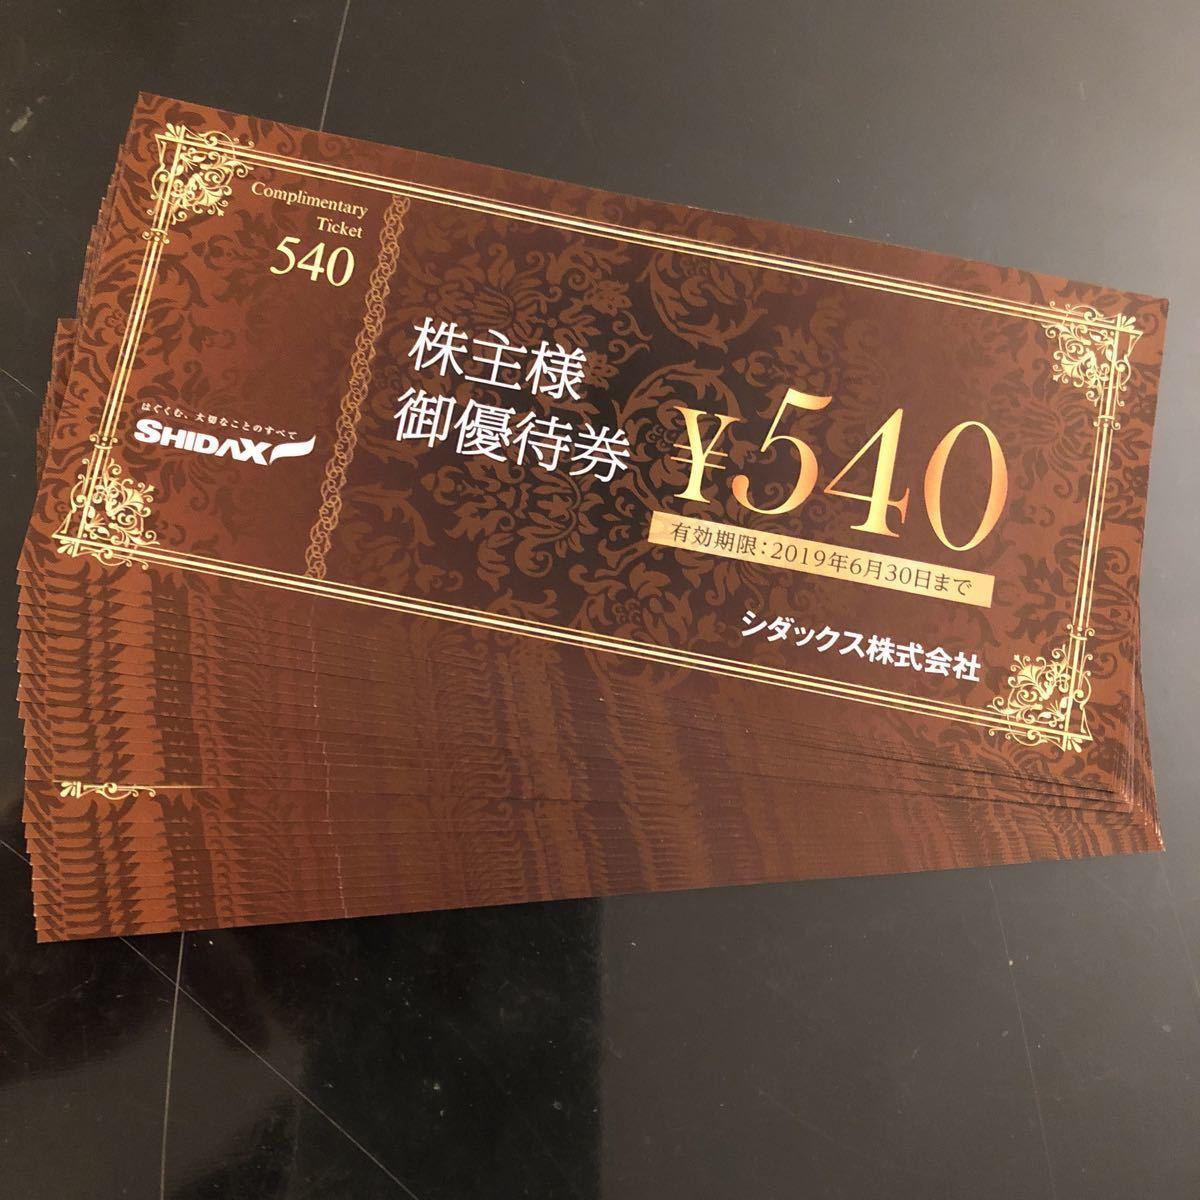 シダックス 株主優待券 25枚セット